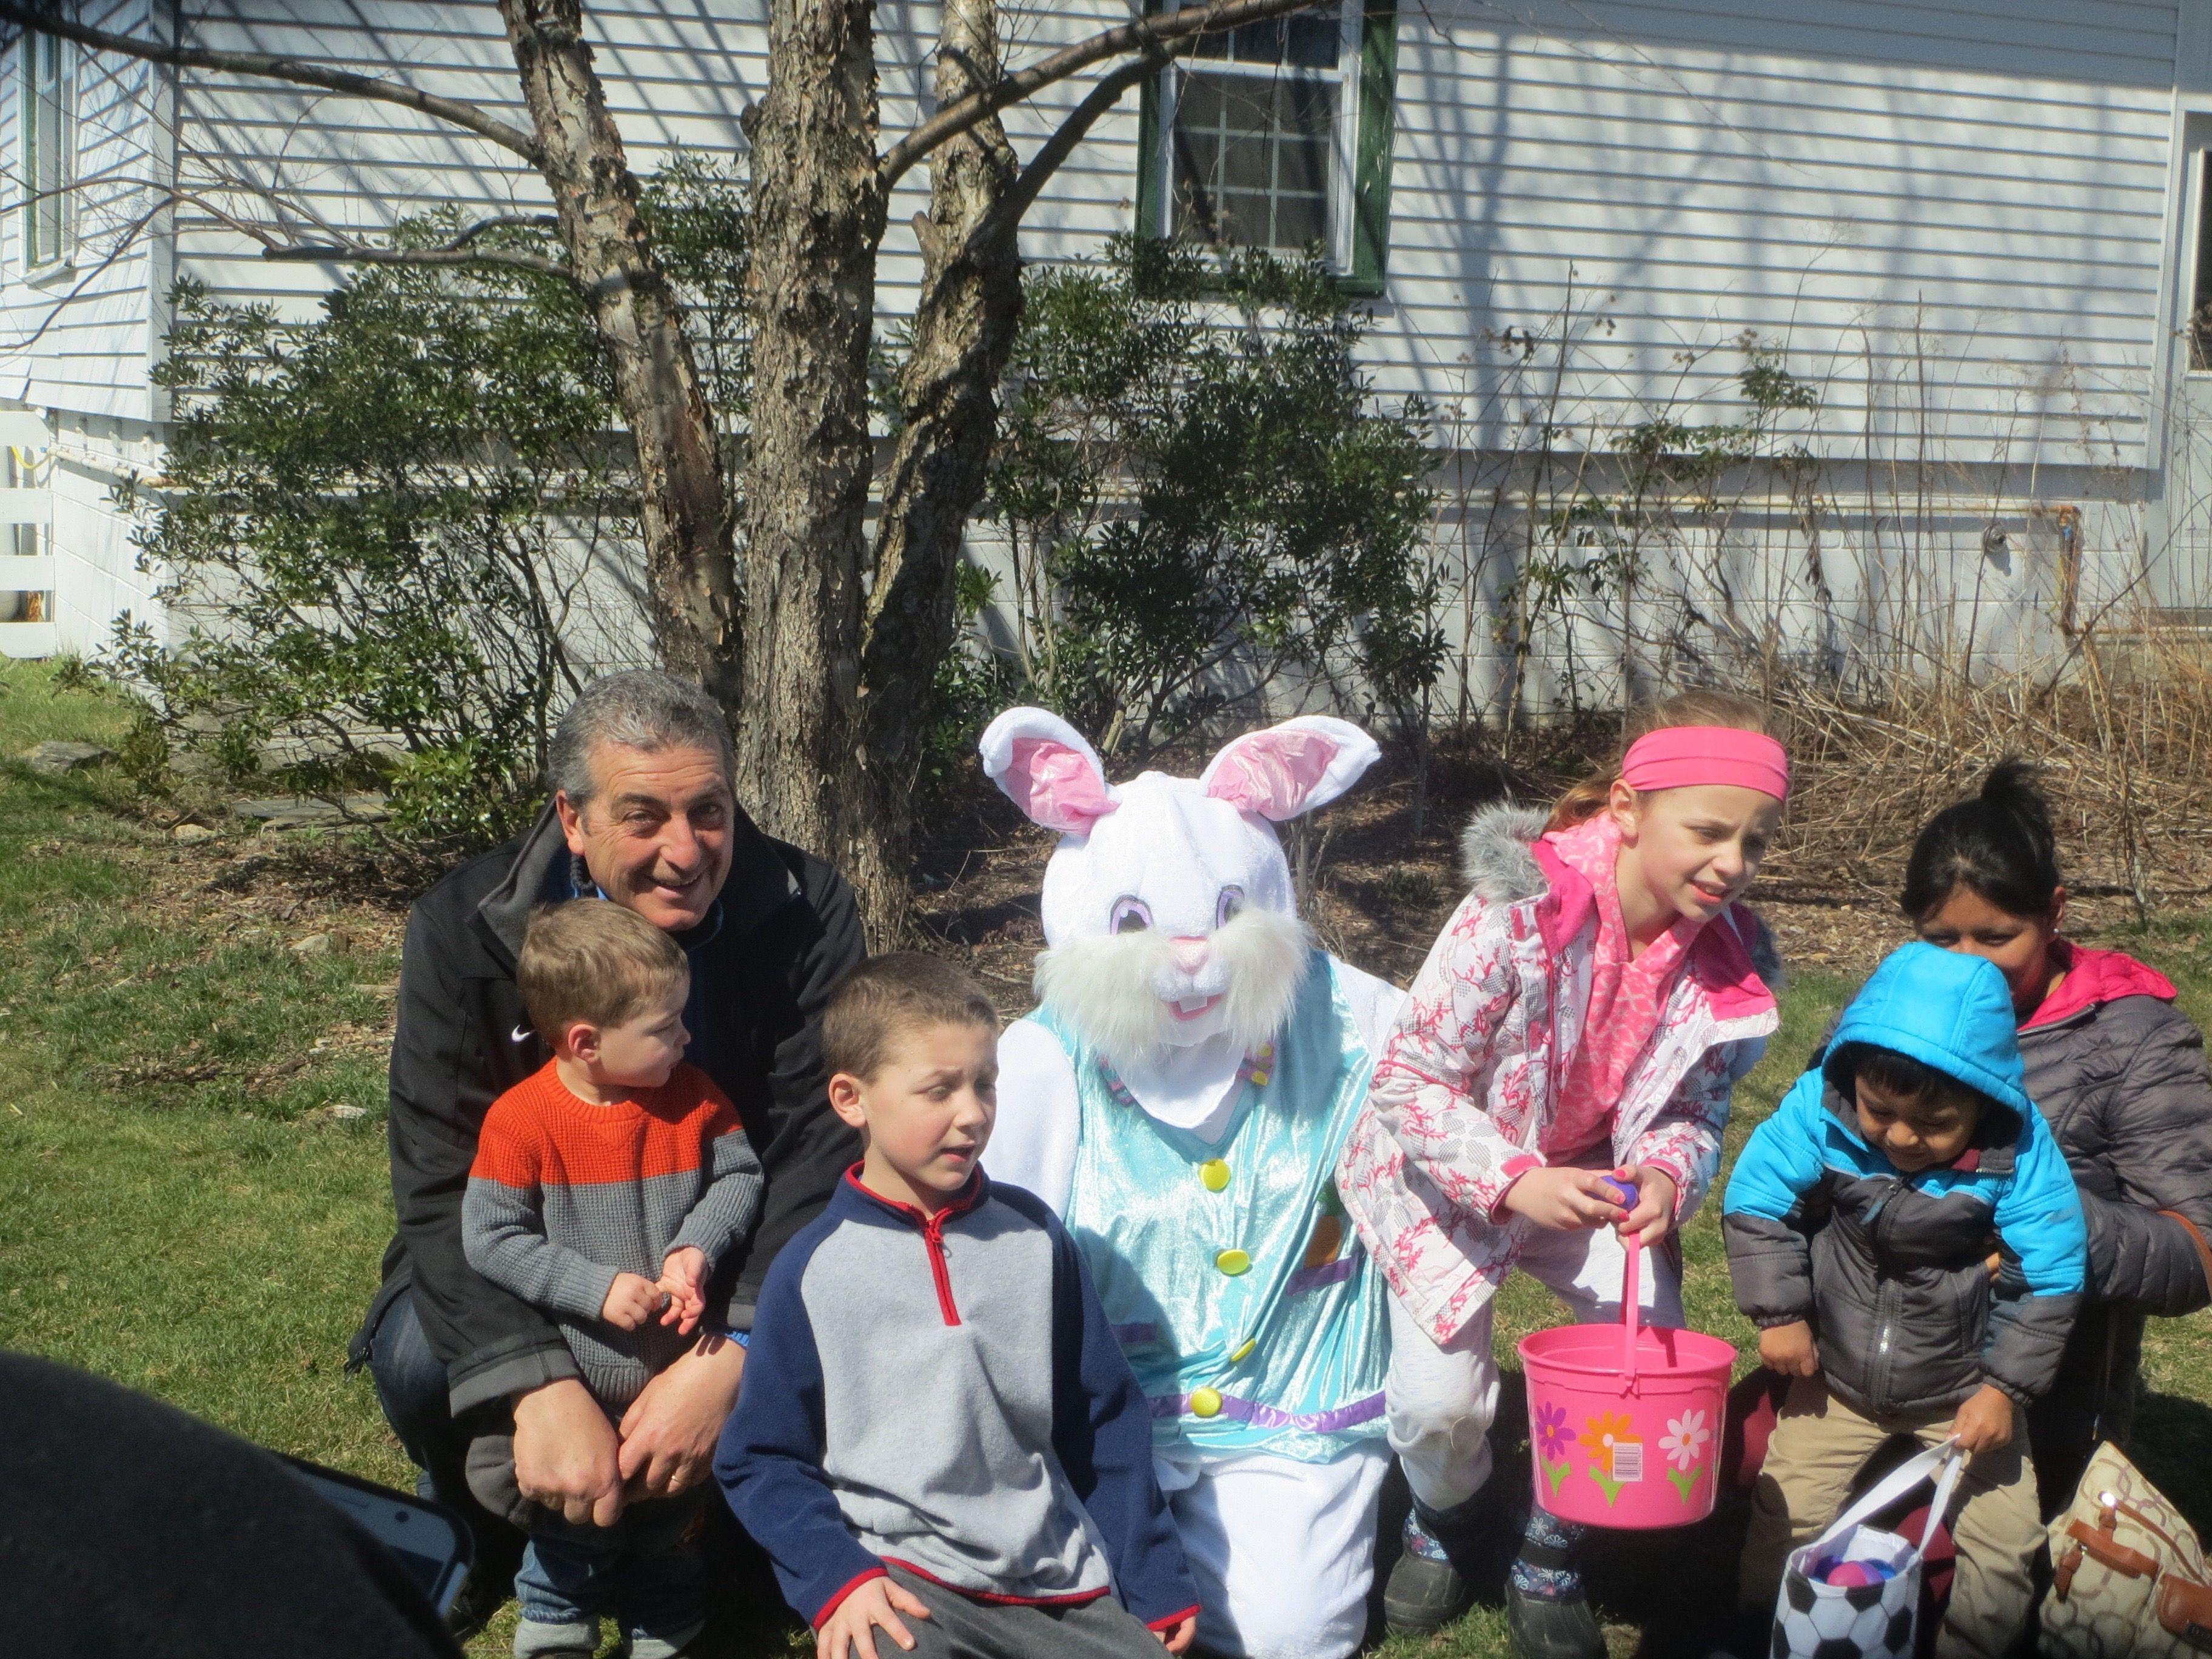 Family at Egg Hunt